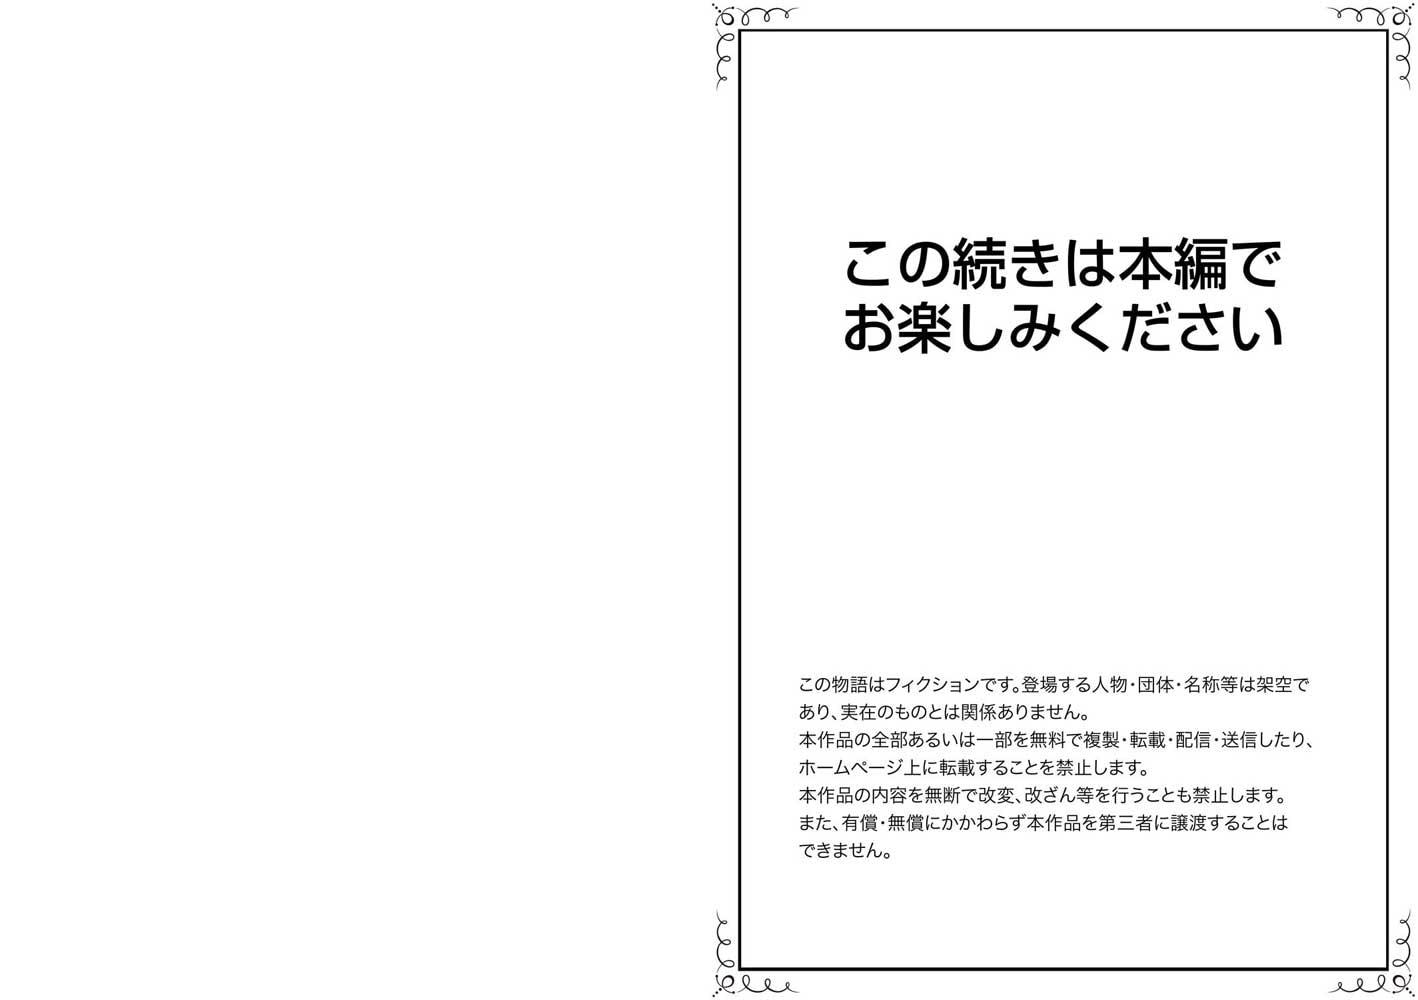 ヤリ捨て免許合宿~14泊15日、セックスまみれの女子大生【完全版】